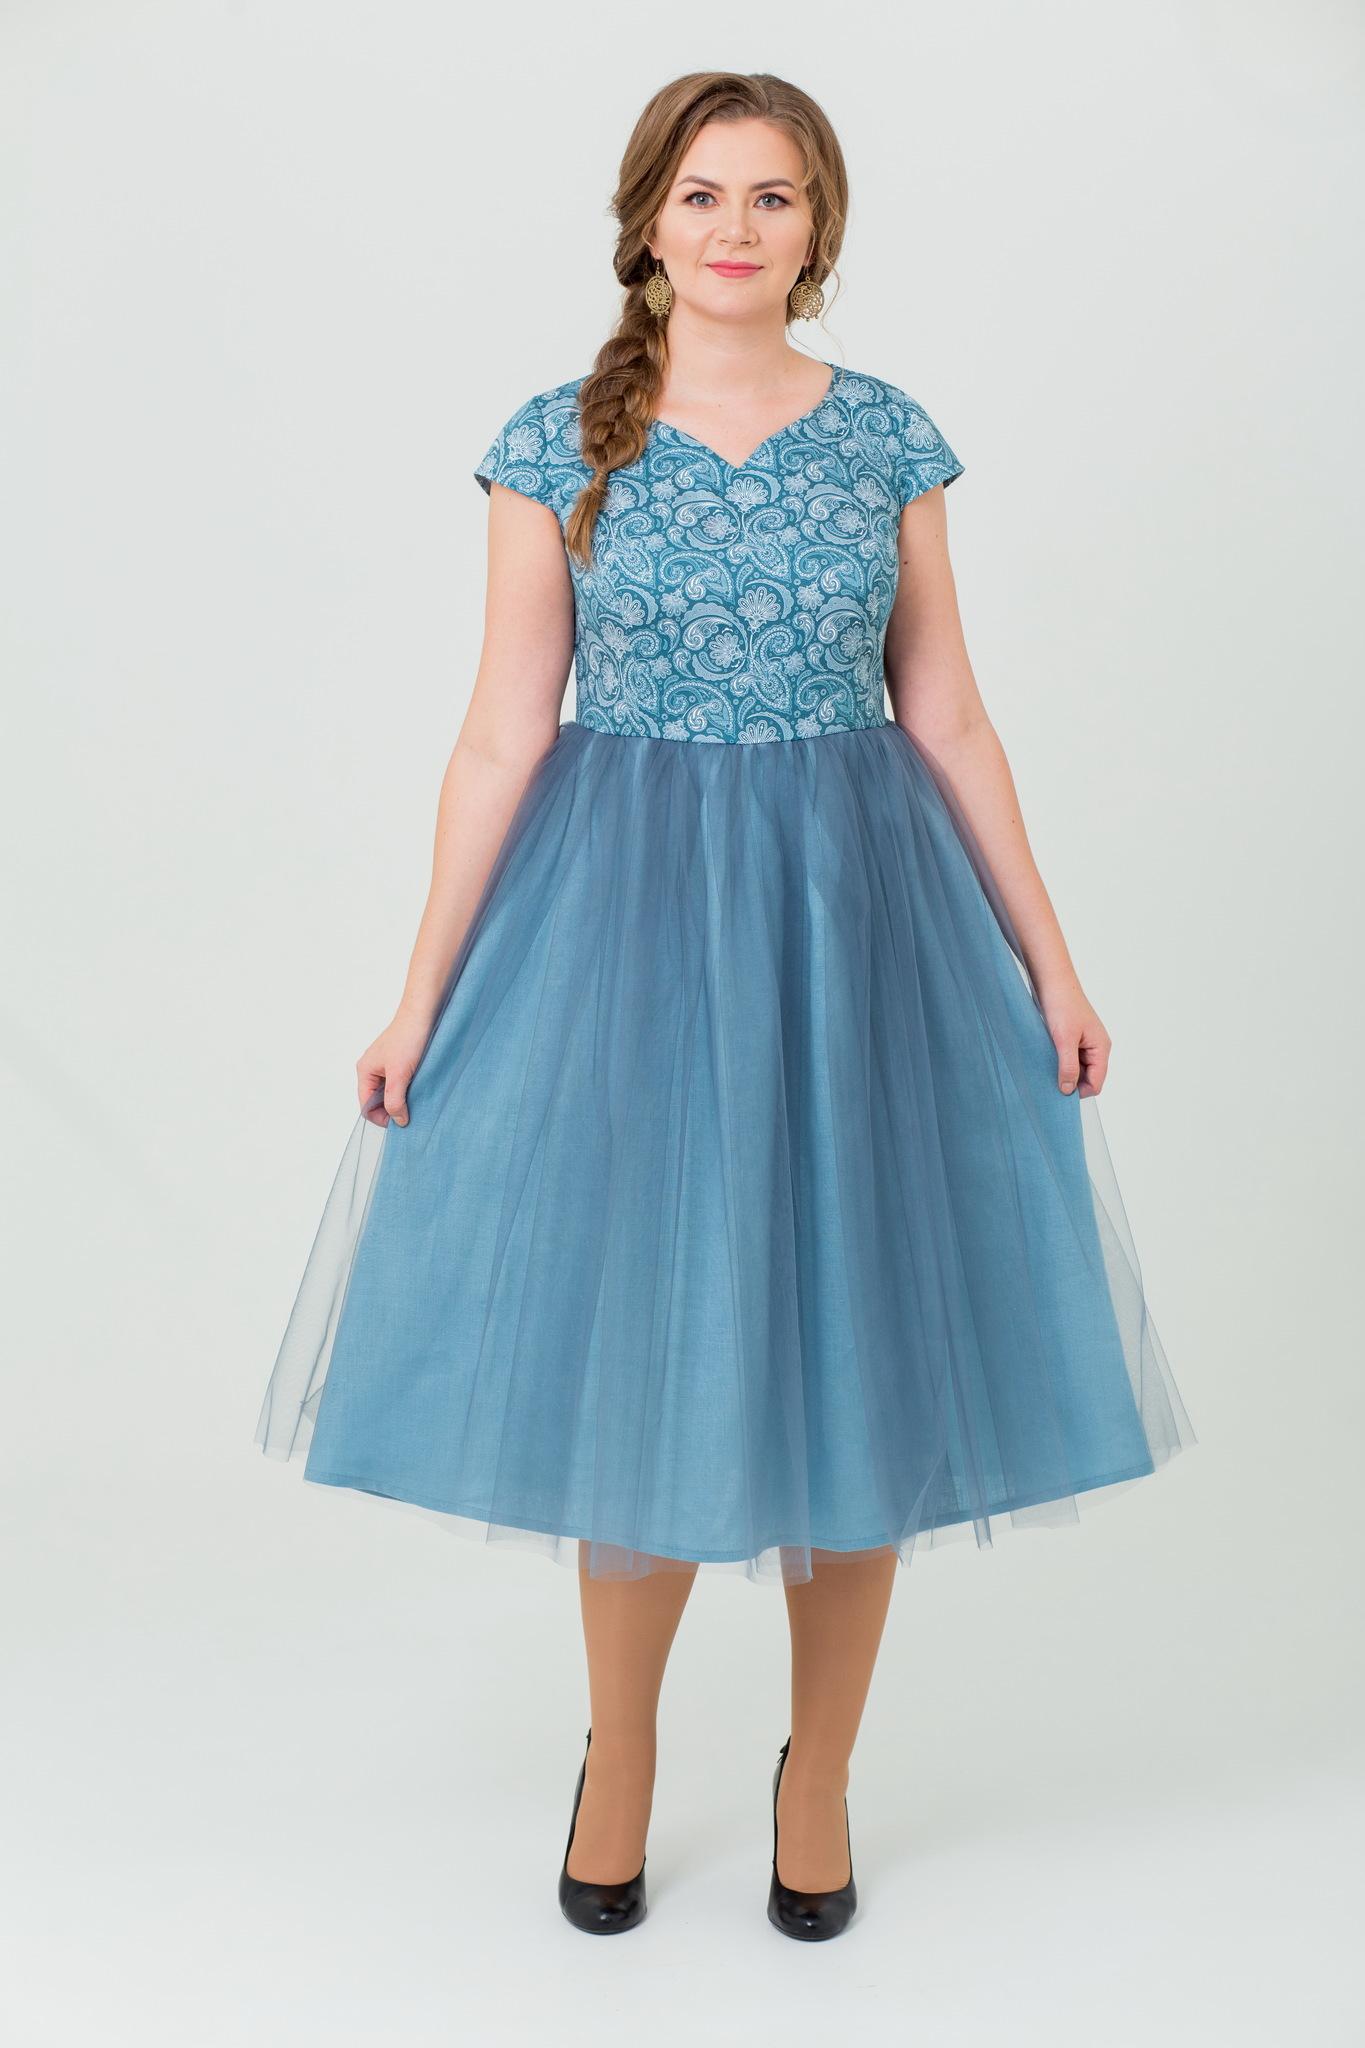 Вечернее платье пейсли с фатином купить